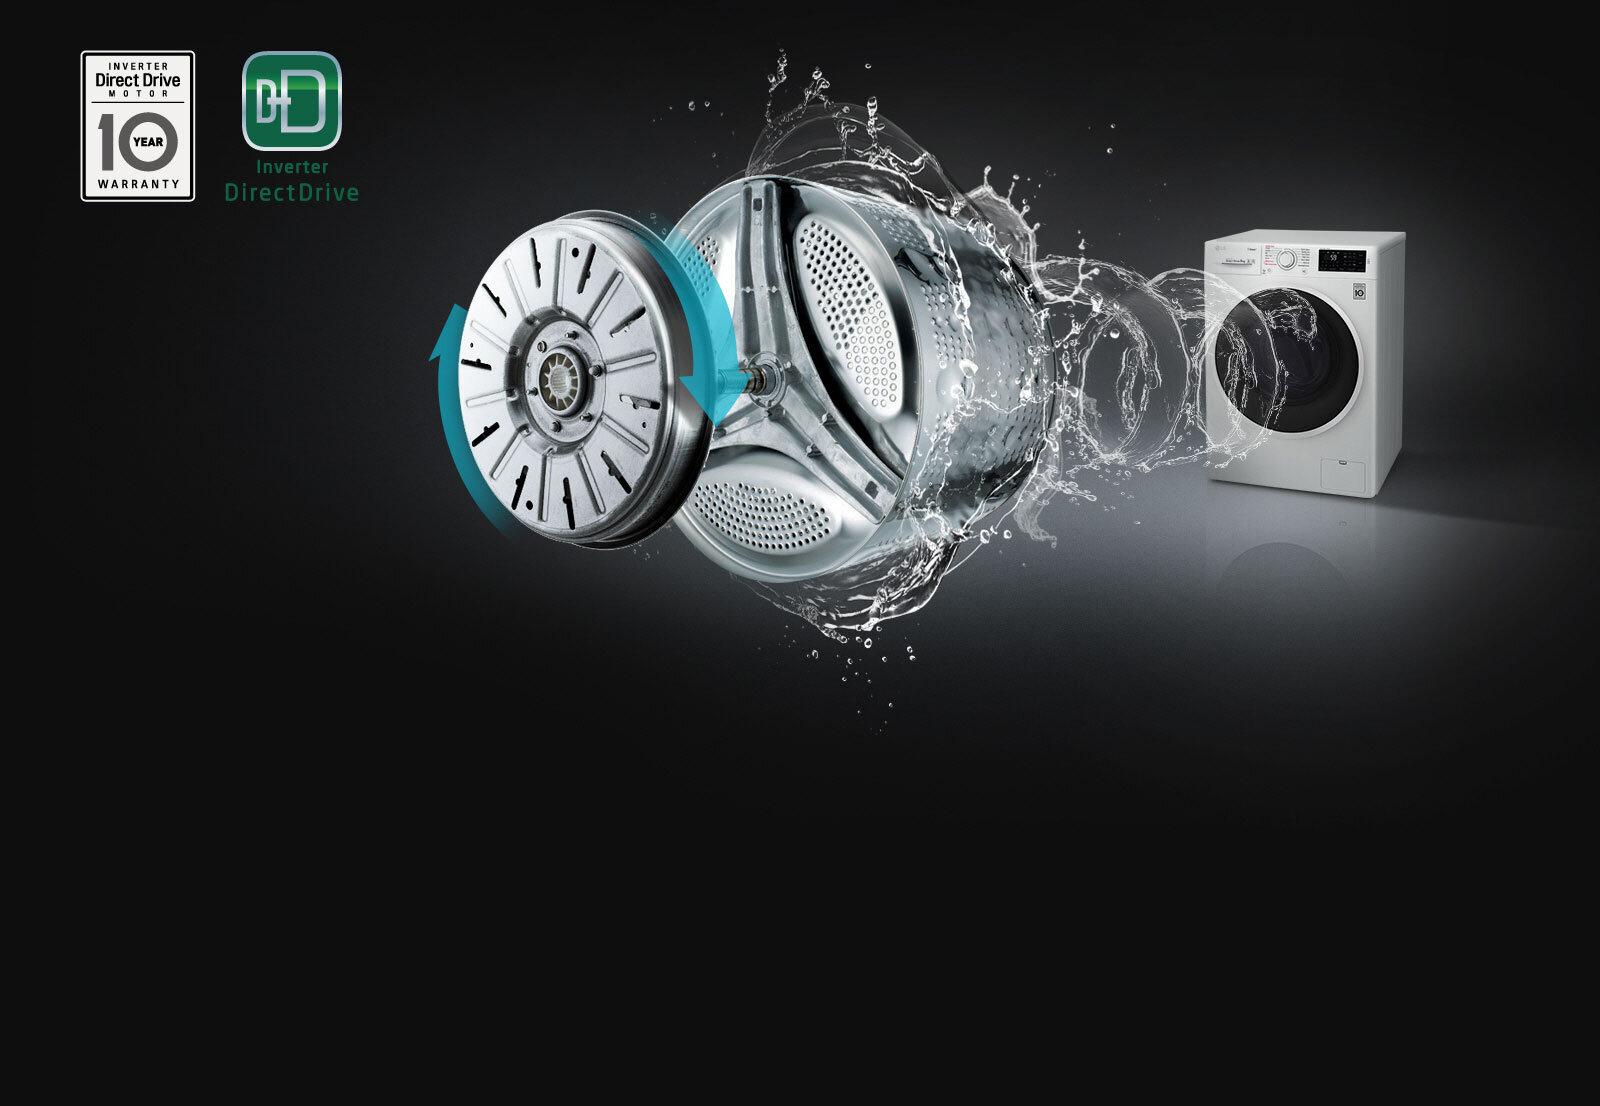 Máy giặt công nghệ truyền động trực tiếp có thể định vị được số lượng quần áo